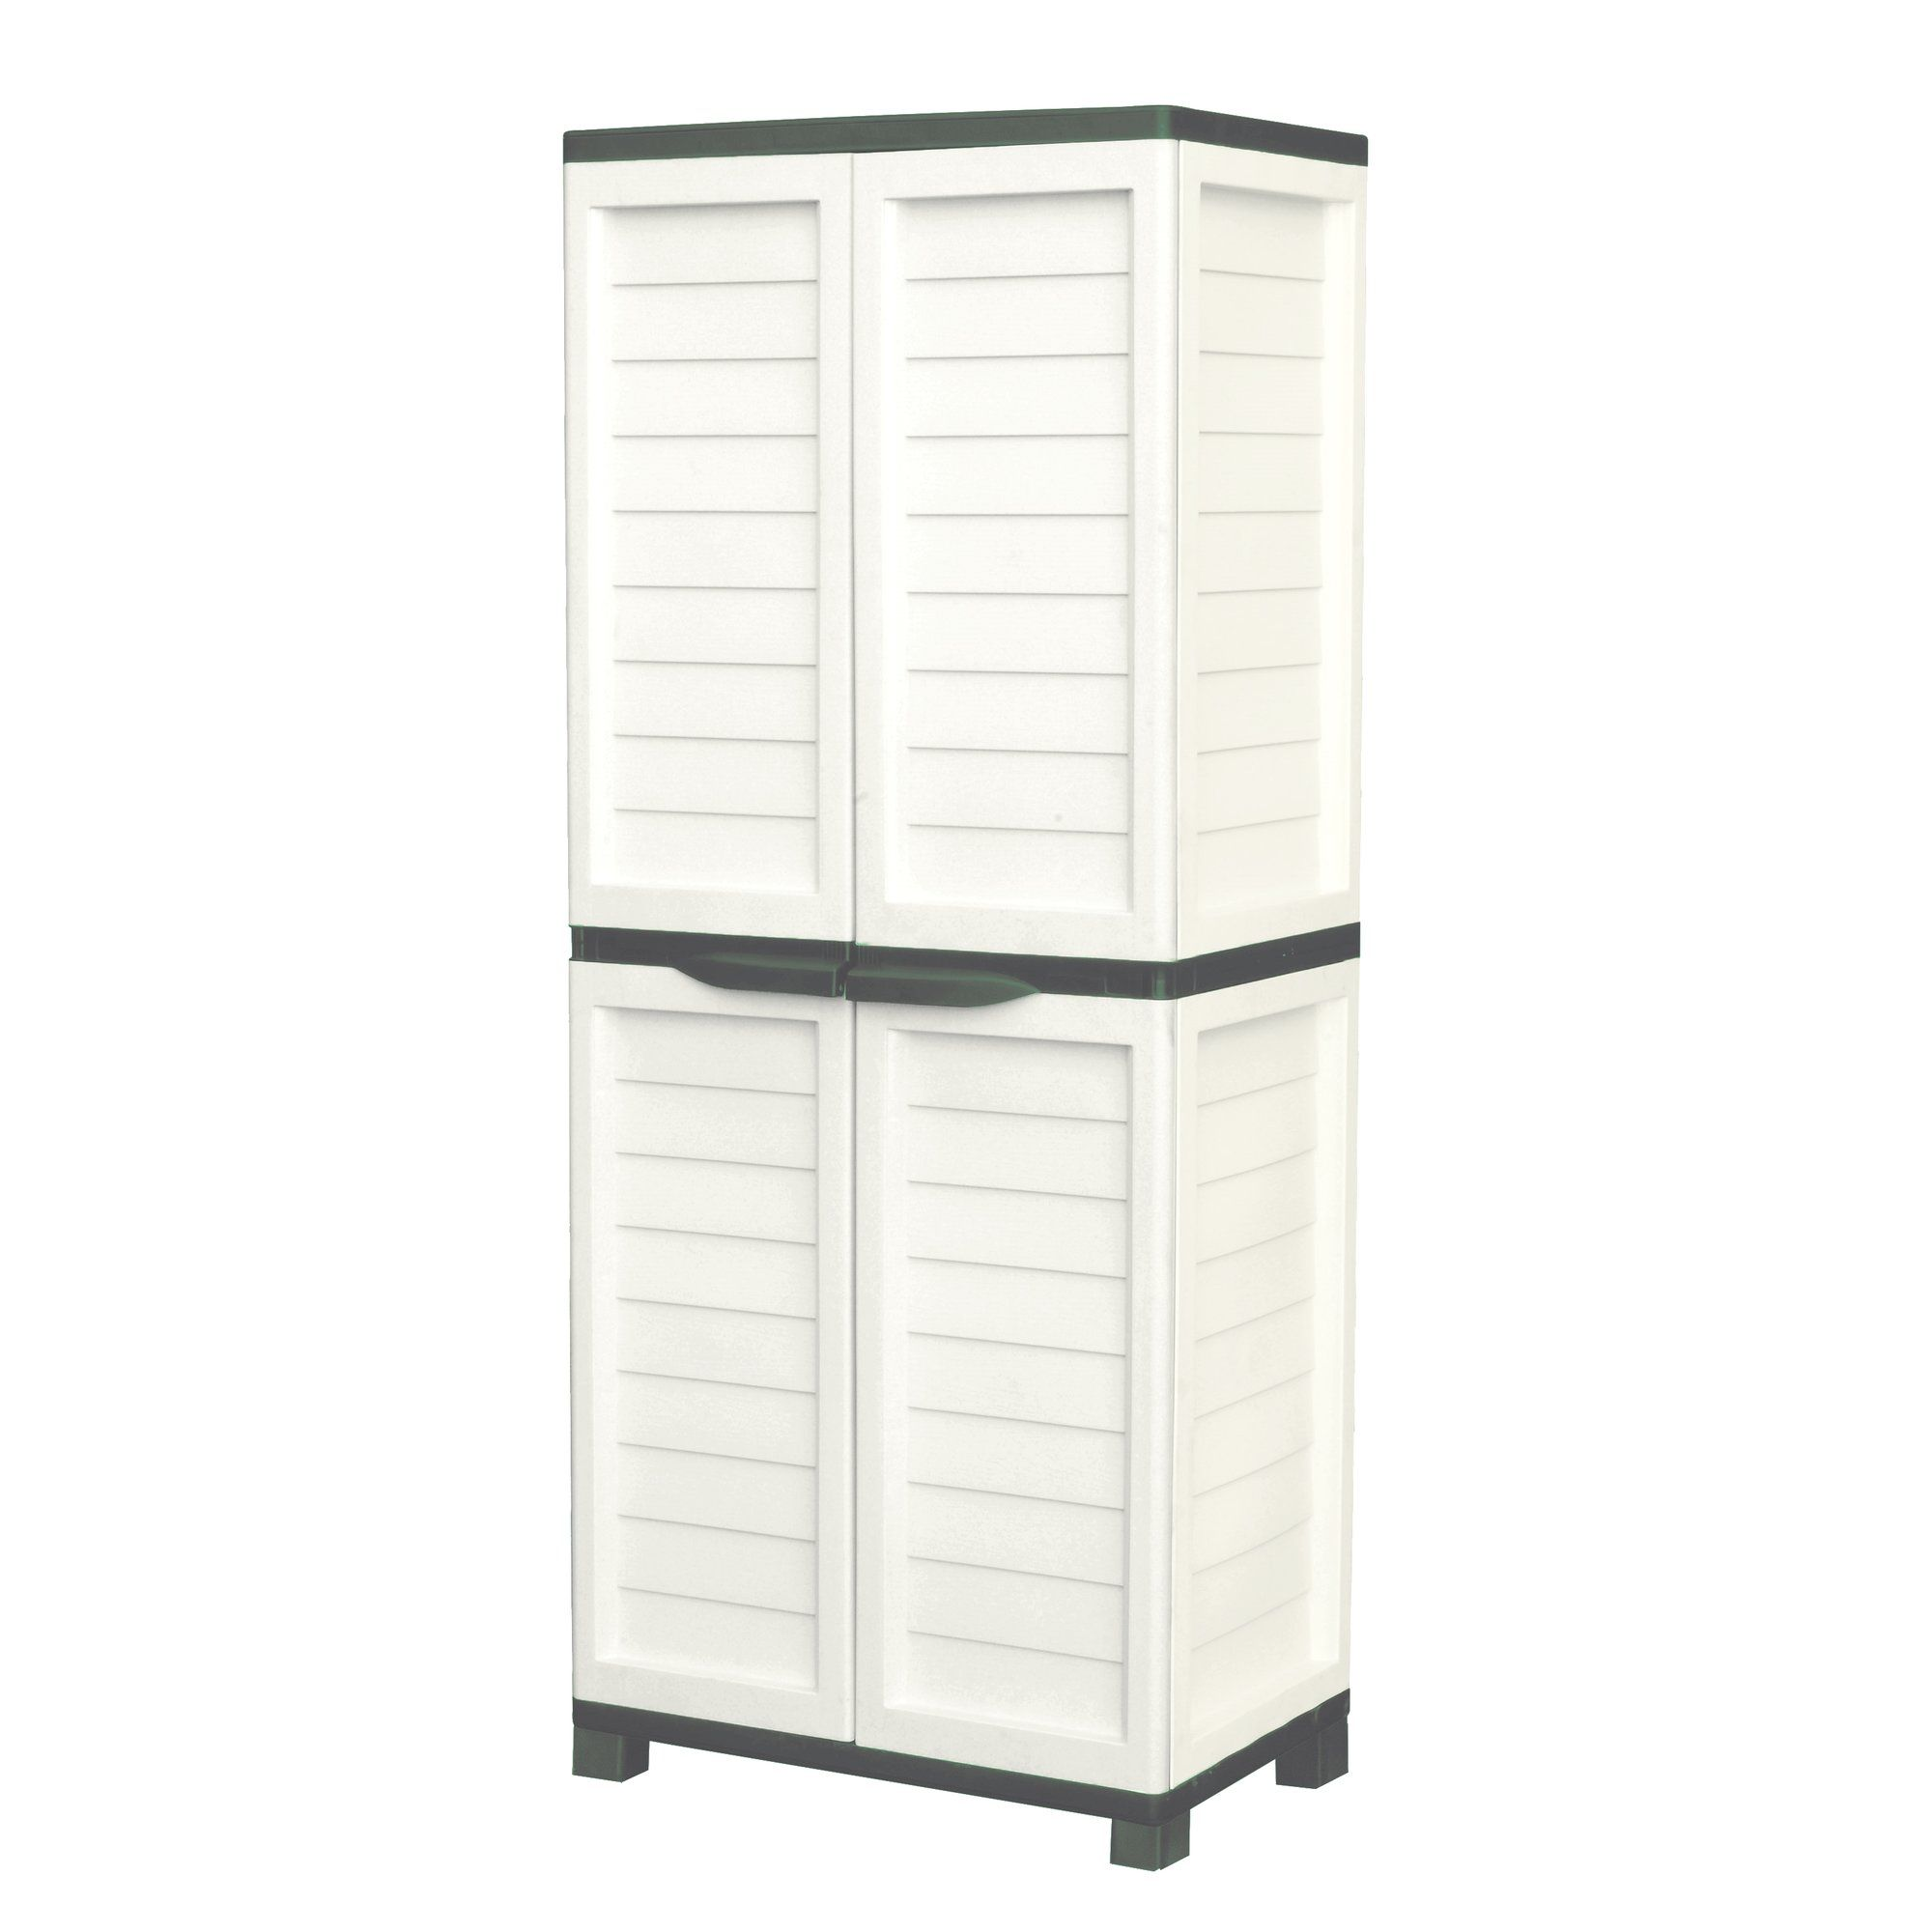 Plastic Garage Storage Cabinets